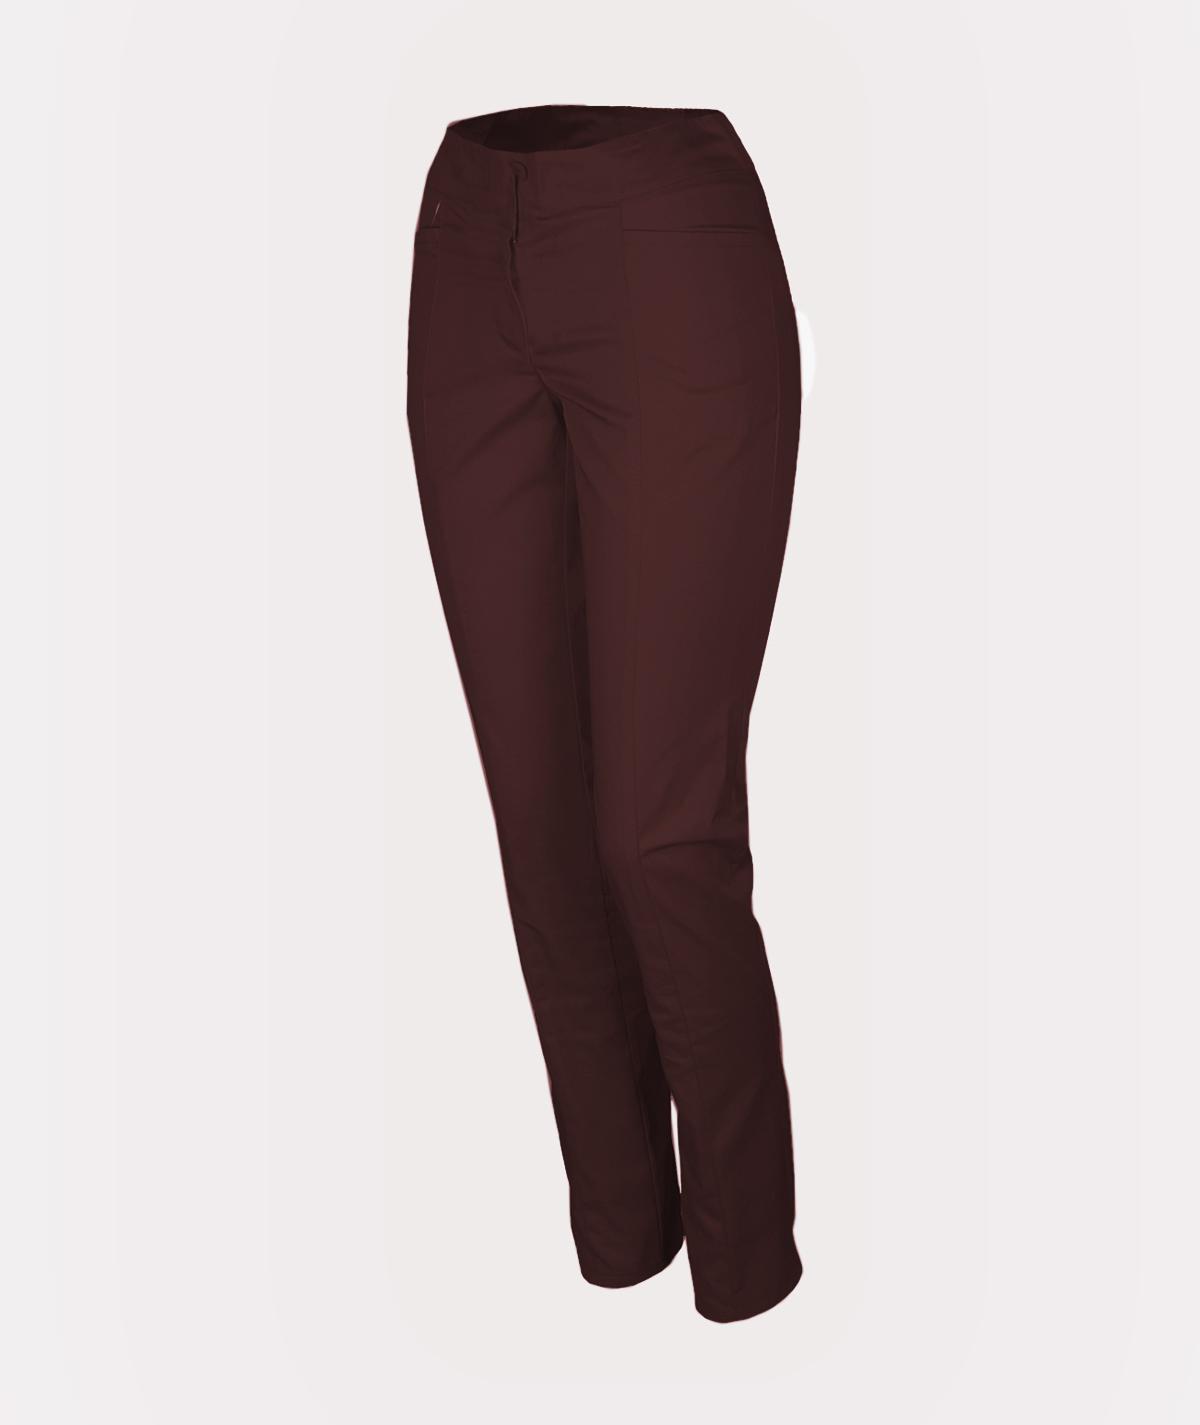 Brązowe spodnie rurki medyczne damskie